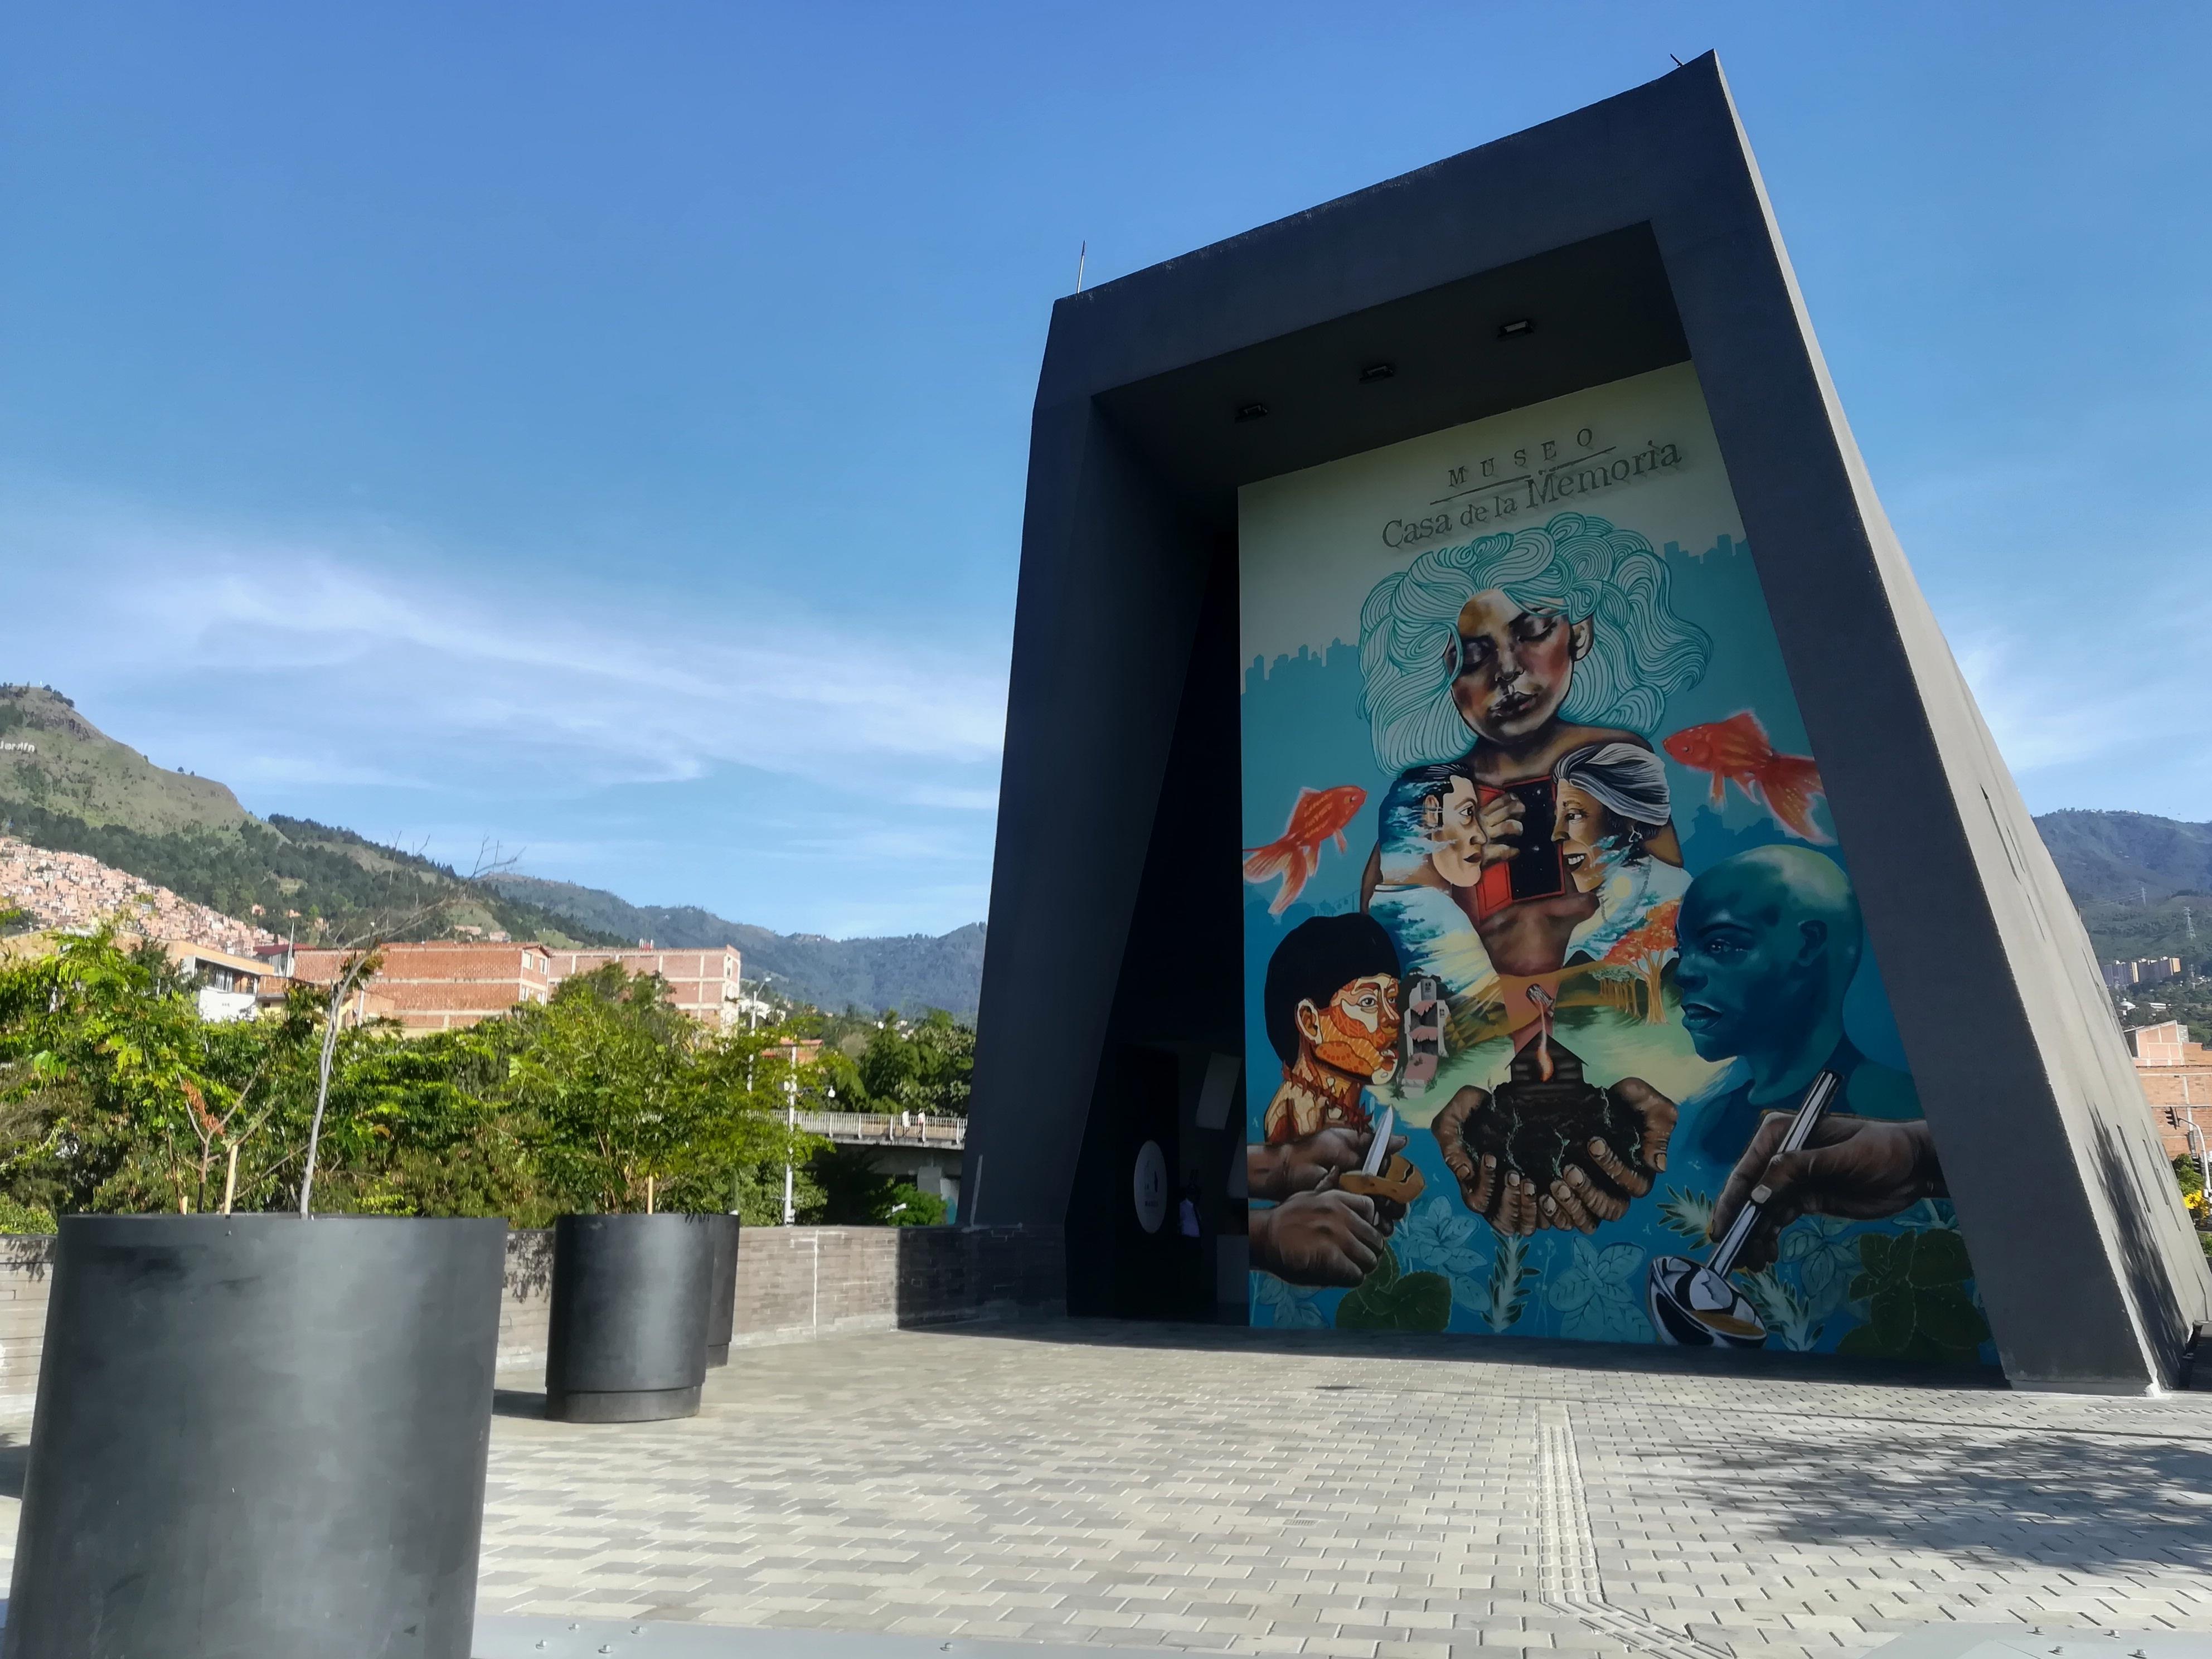 Construir memoria entre todos, el desafío del Museo Casa de la Memoria - Diálogos con la cultura